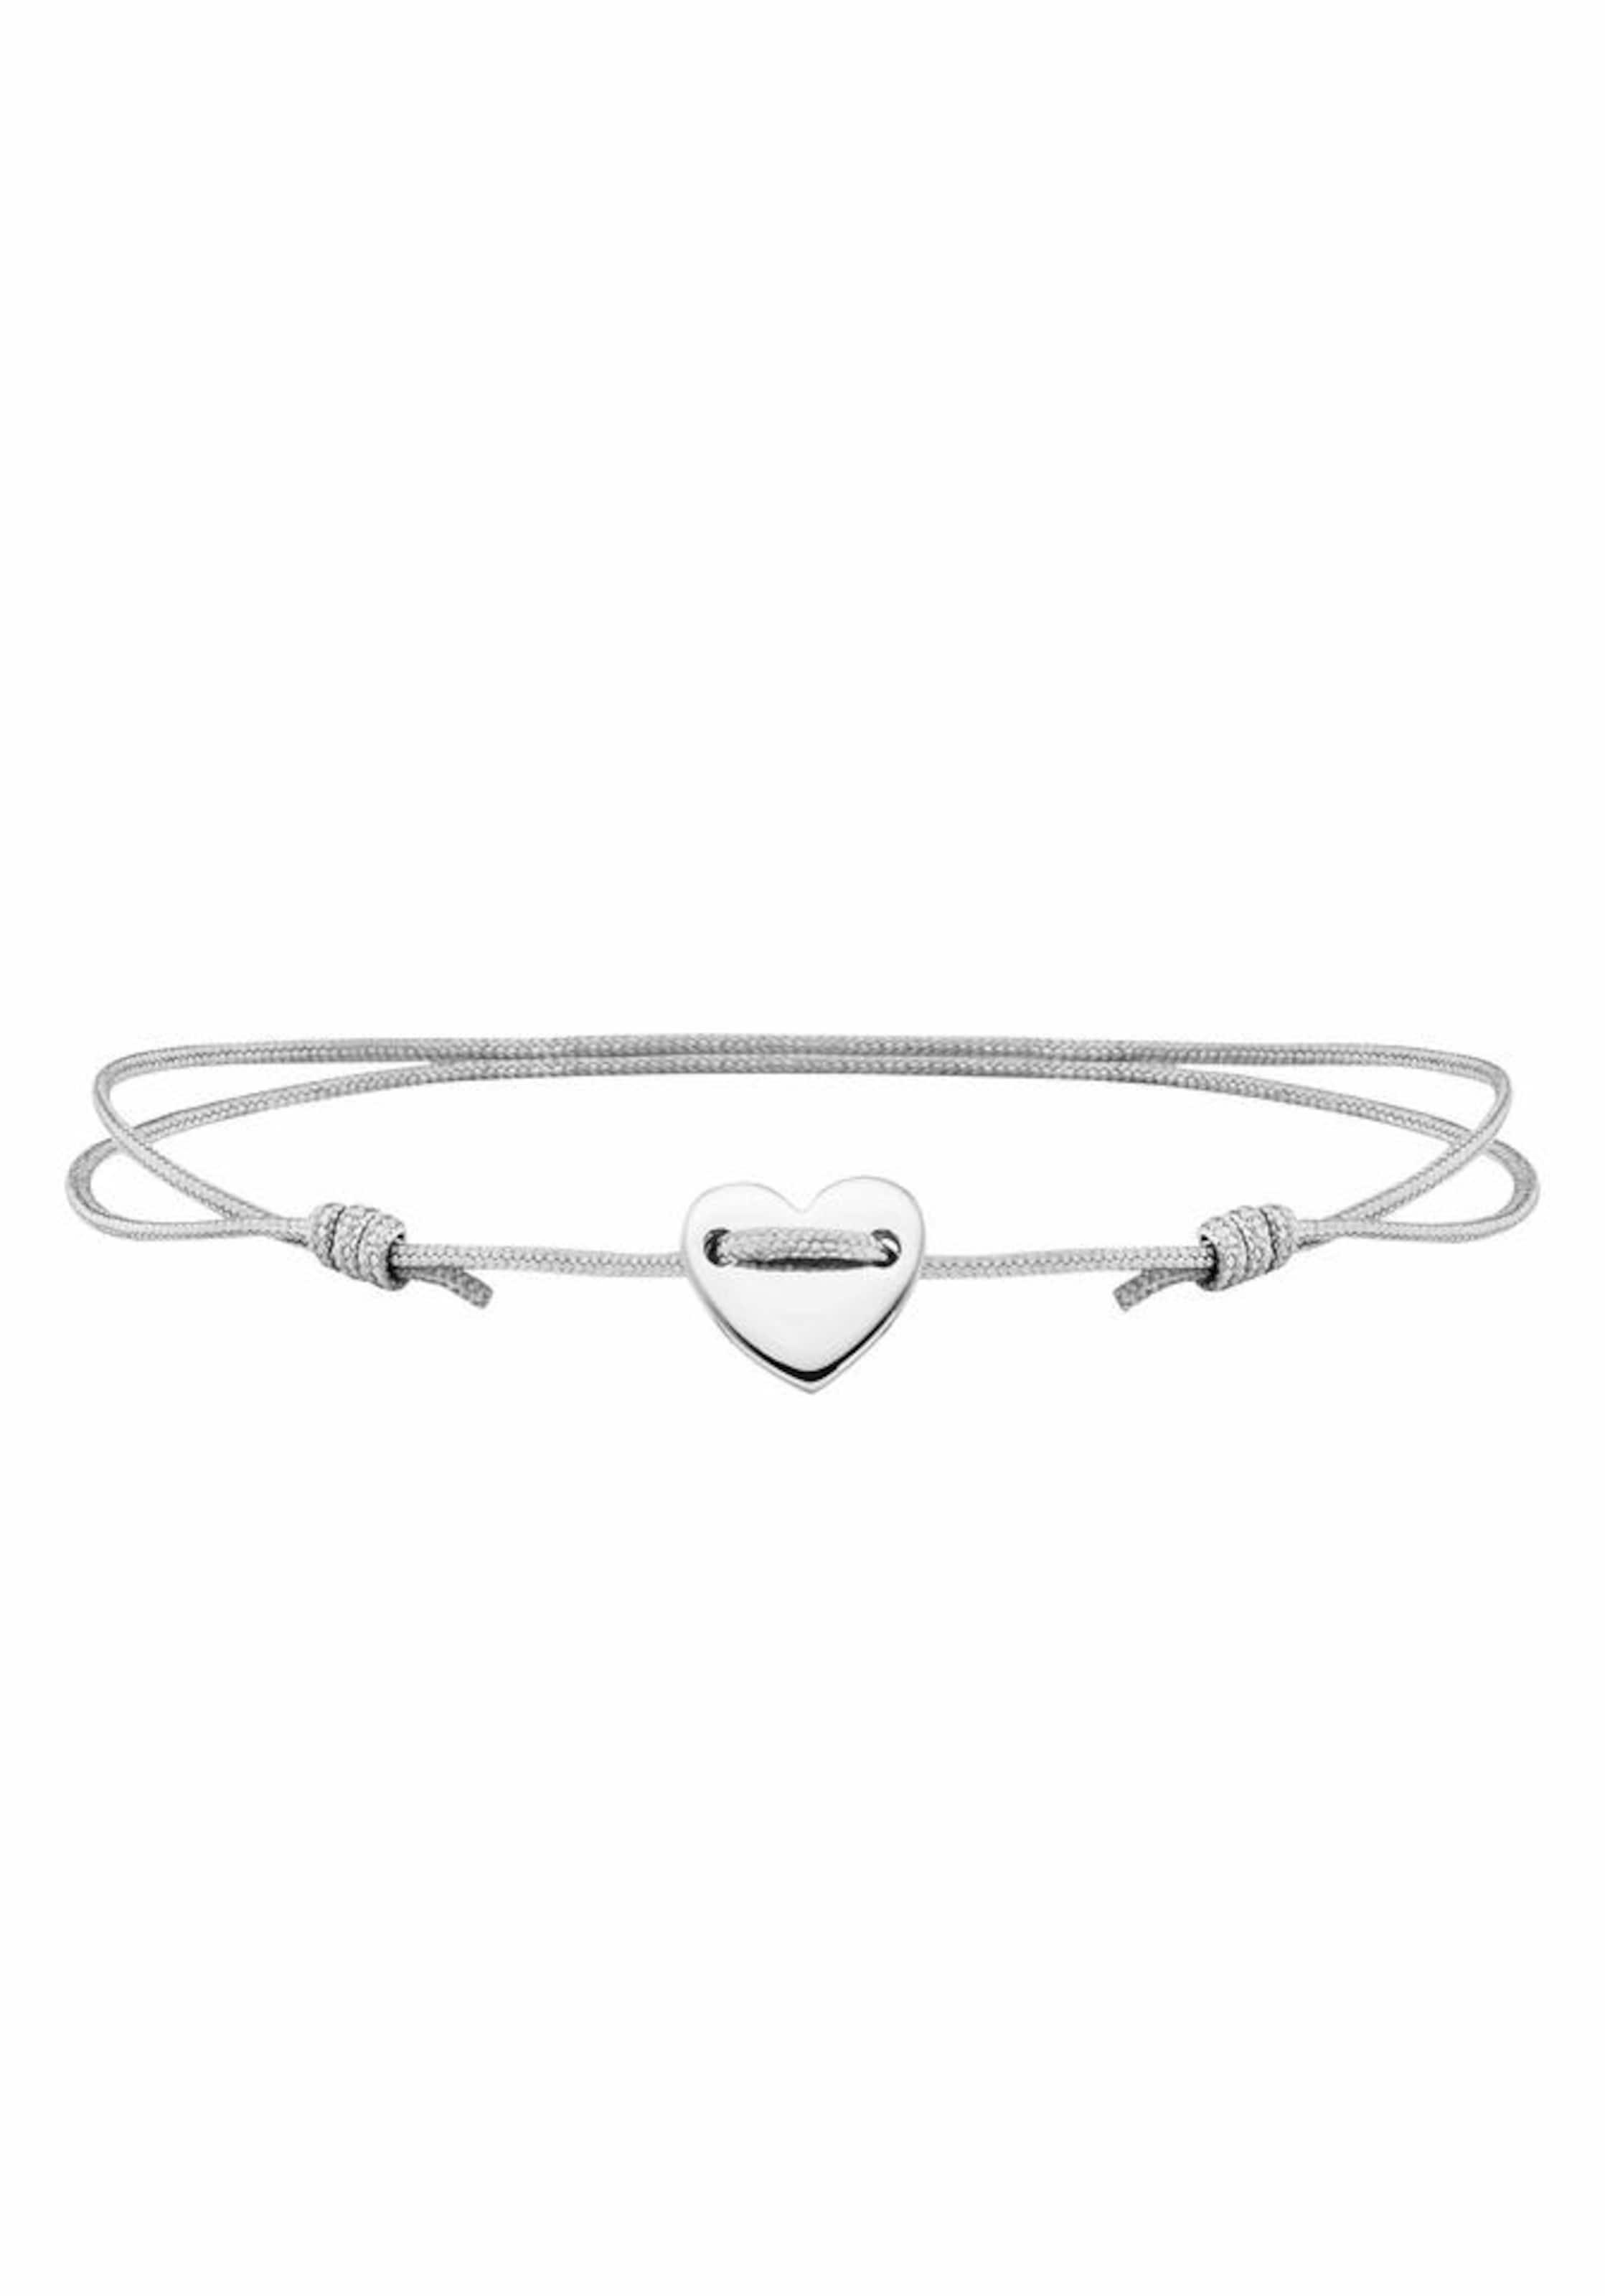 Billig Online-Shop Manchester Freies Verschiffen Aus Deutschland caï Armband 'Herz' 100% Ig Garantiert Günstig Online 1I2opp70GE